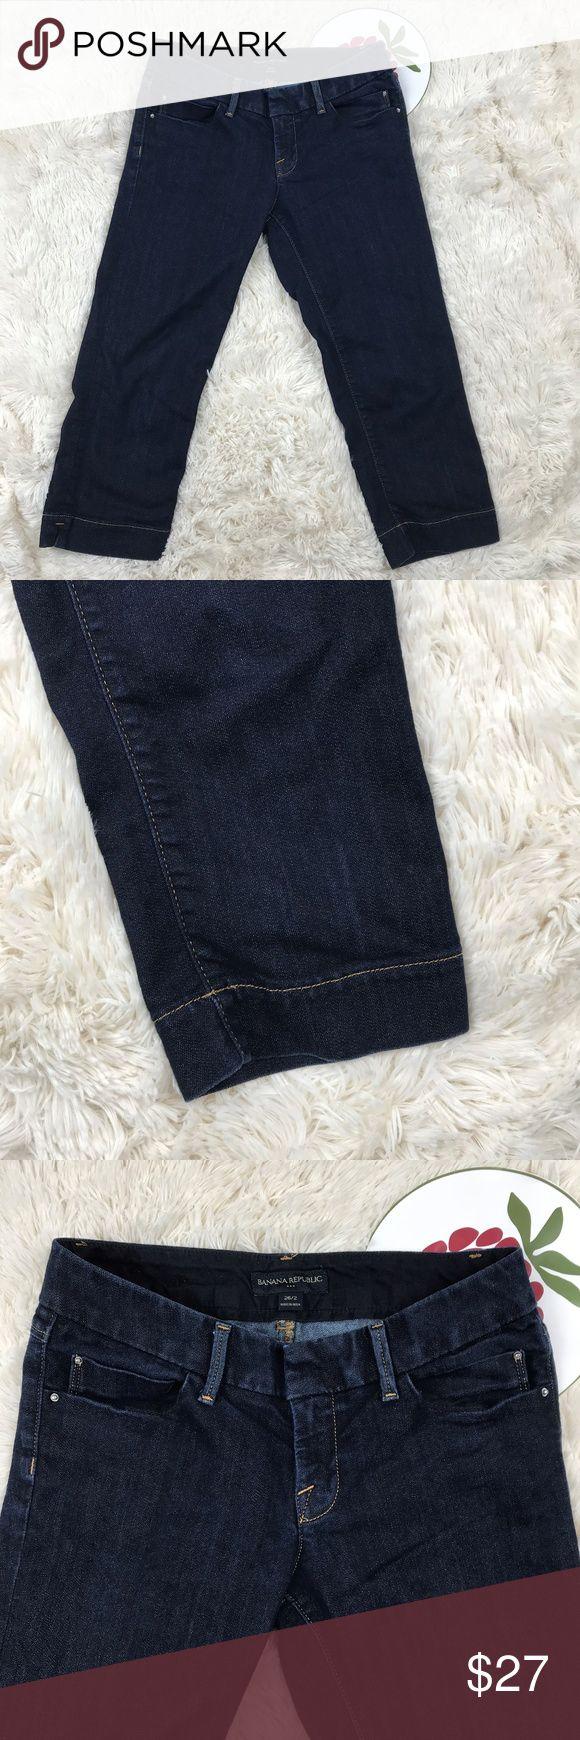 """Banana Republic Women's Capri Cropped Jeans Size 2 Banana Republic Women's Capri Cropped Jean Pants Cotton Blend Size 26 2  Measurements Length 28"""" Inseam 20"""" Rise 7.5"""" Waist 14""""  J4 Banana Republic Jeans Ankle & Cropped"""